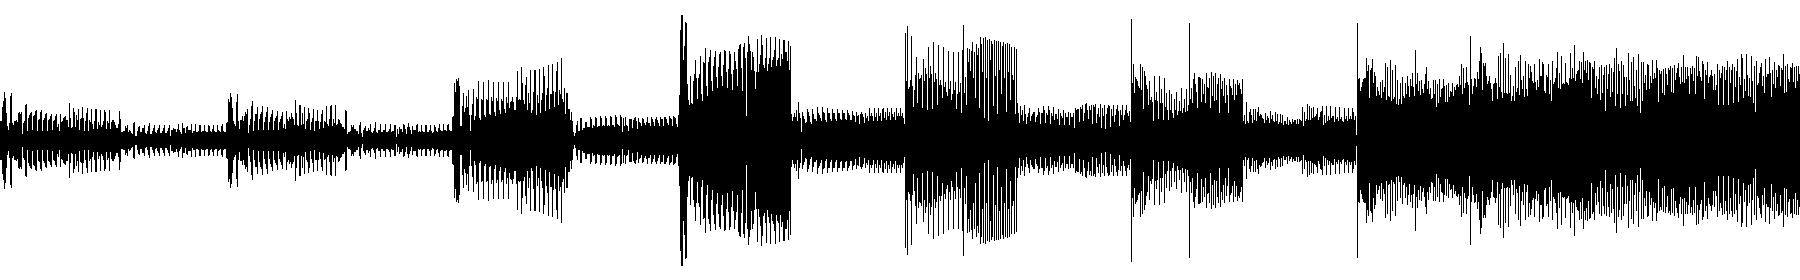 syn19 130